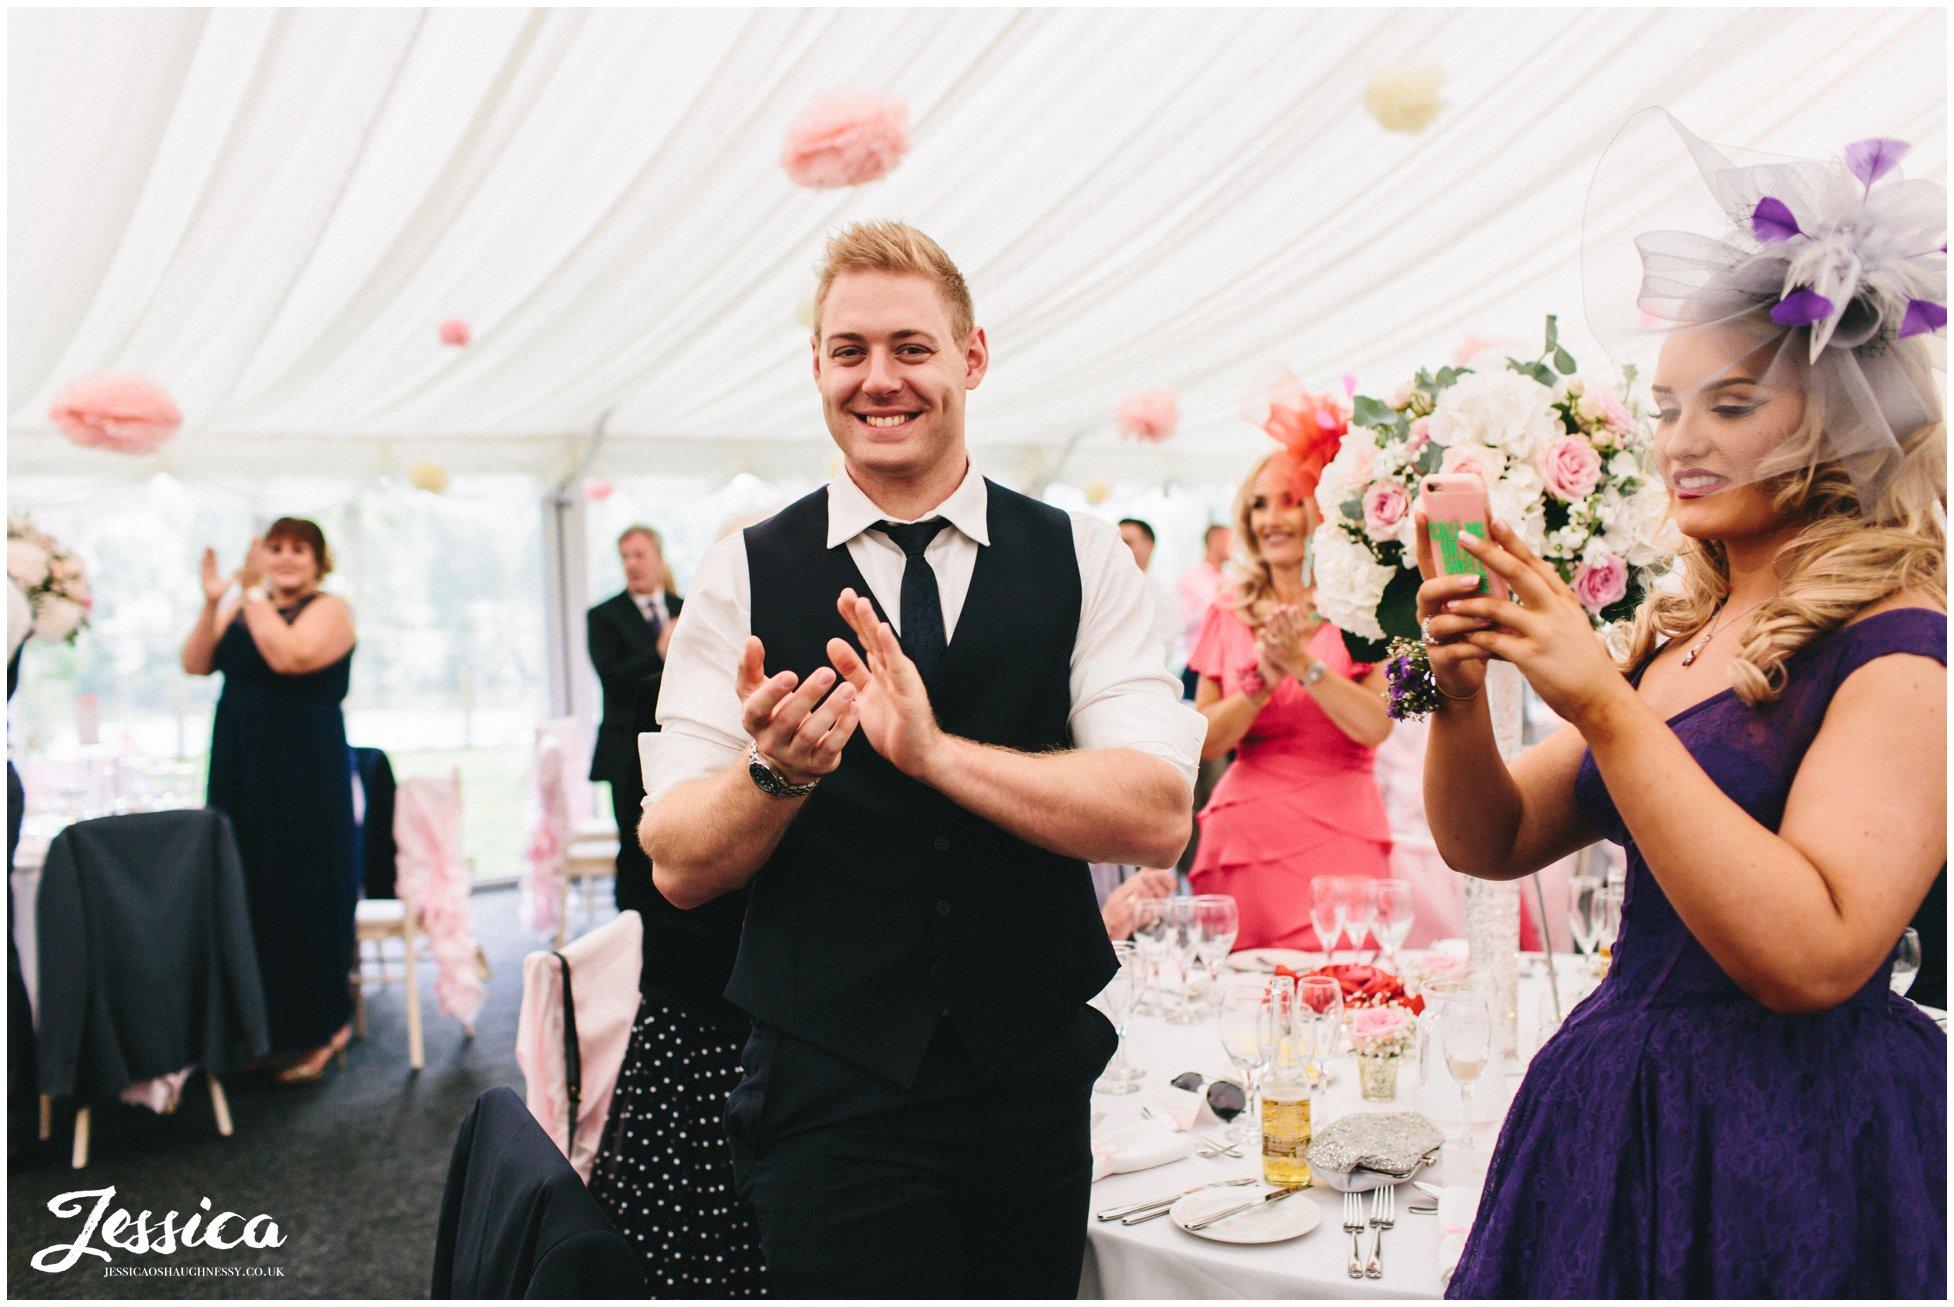 wedding guests clap as bride & groom enter